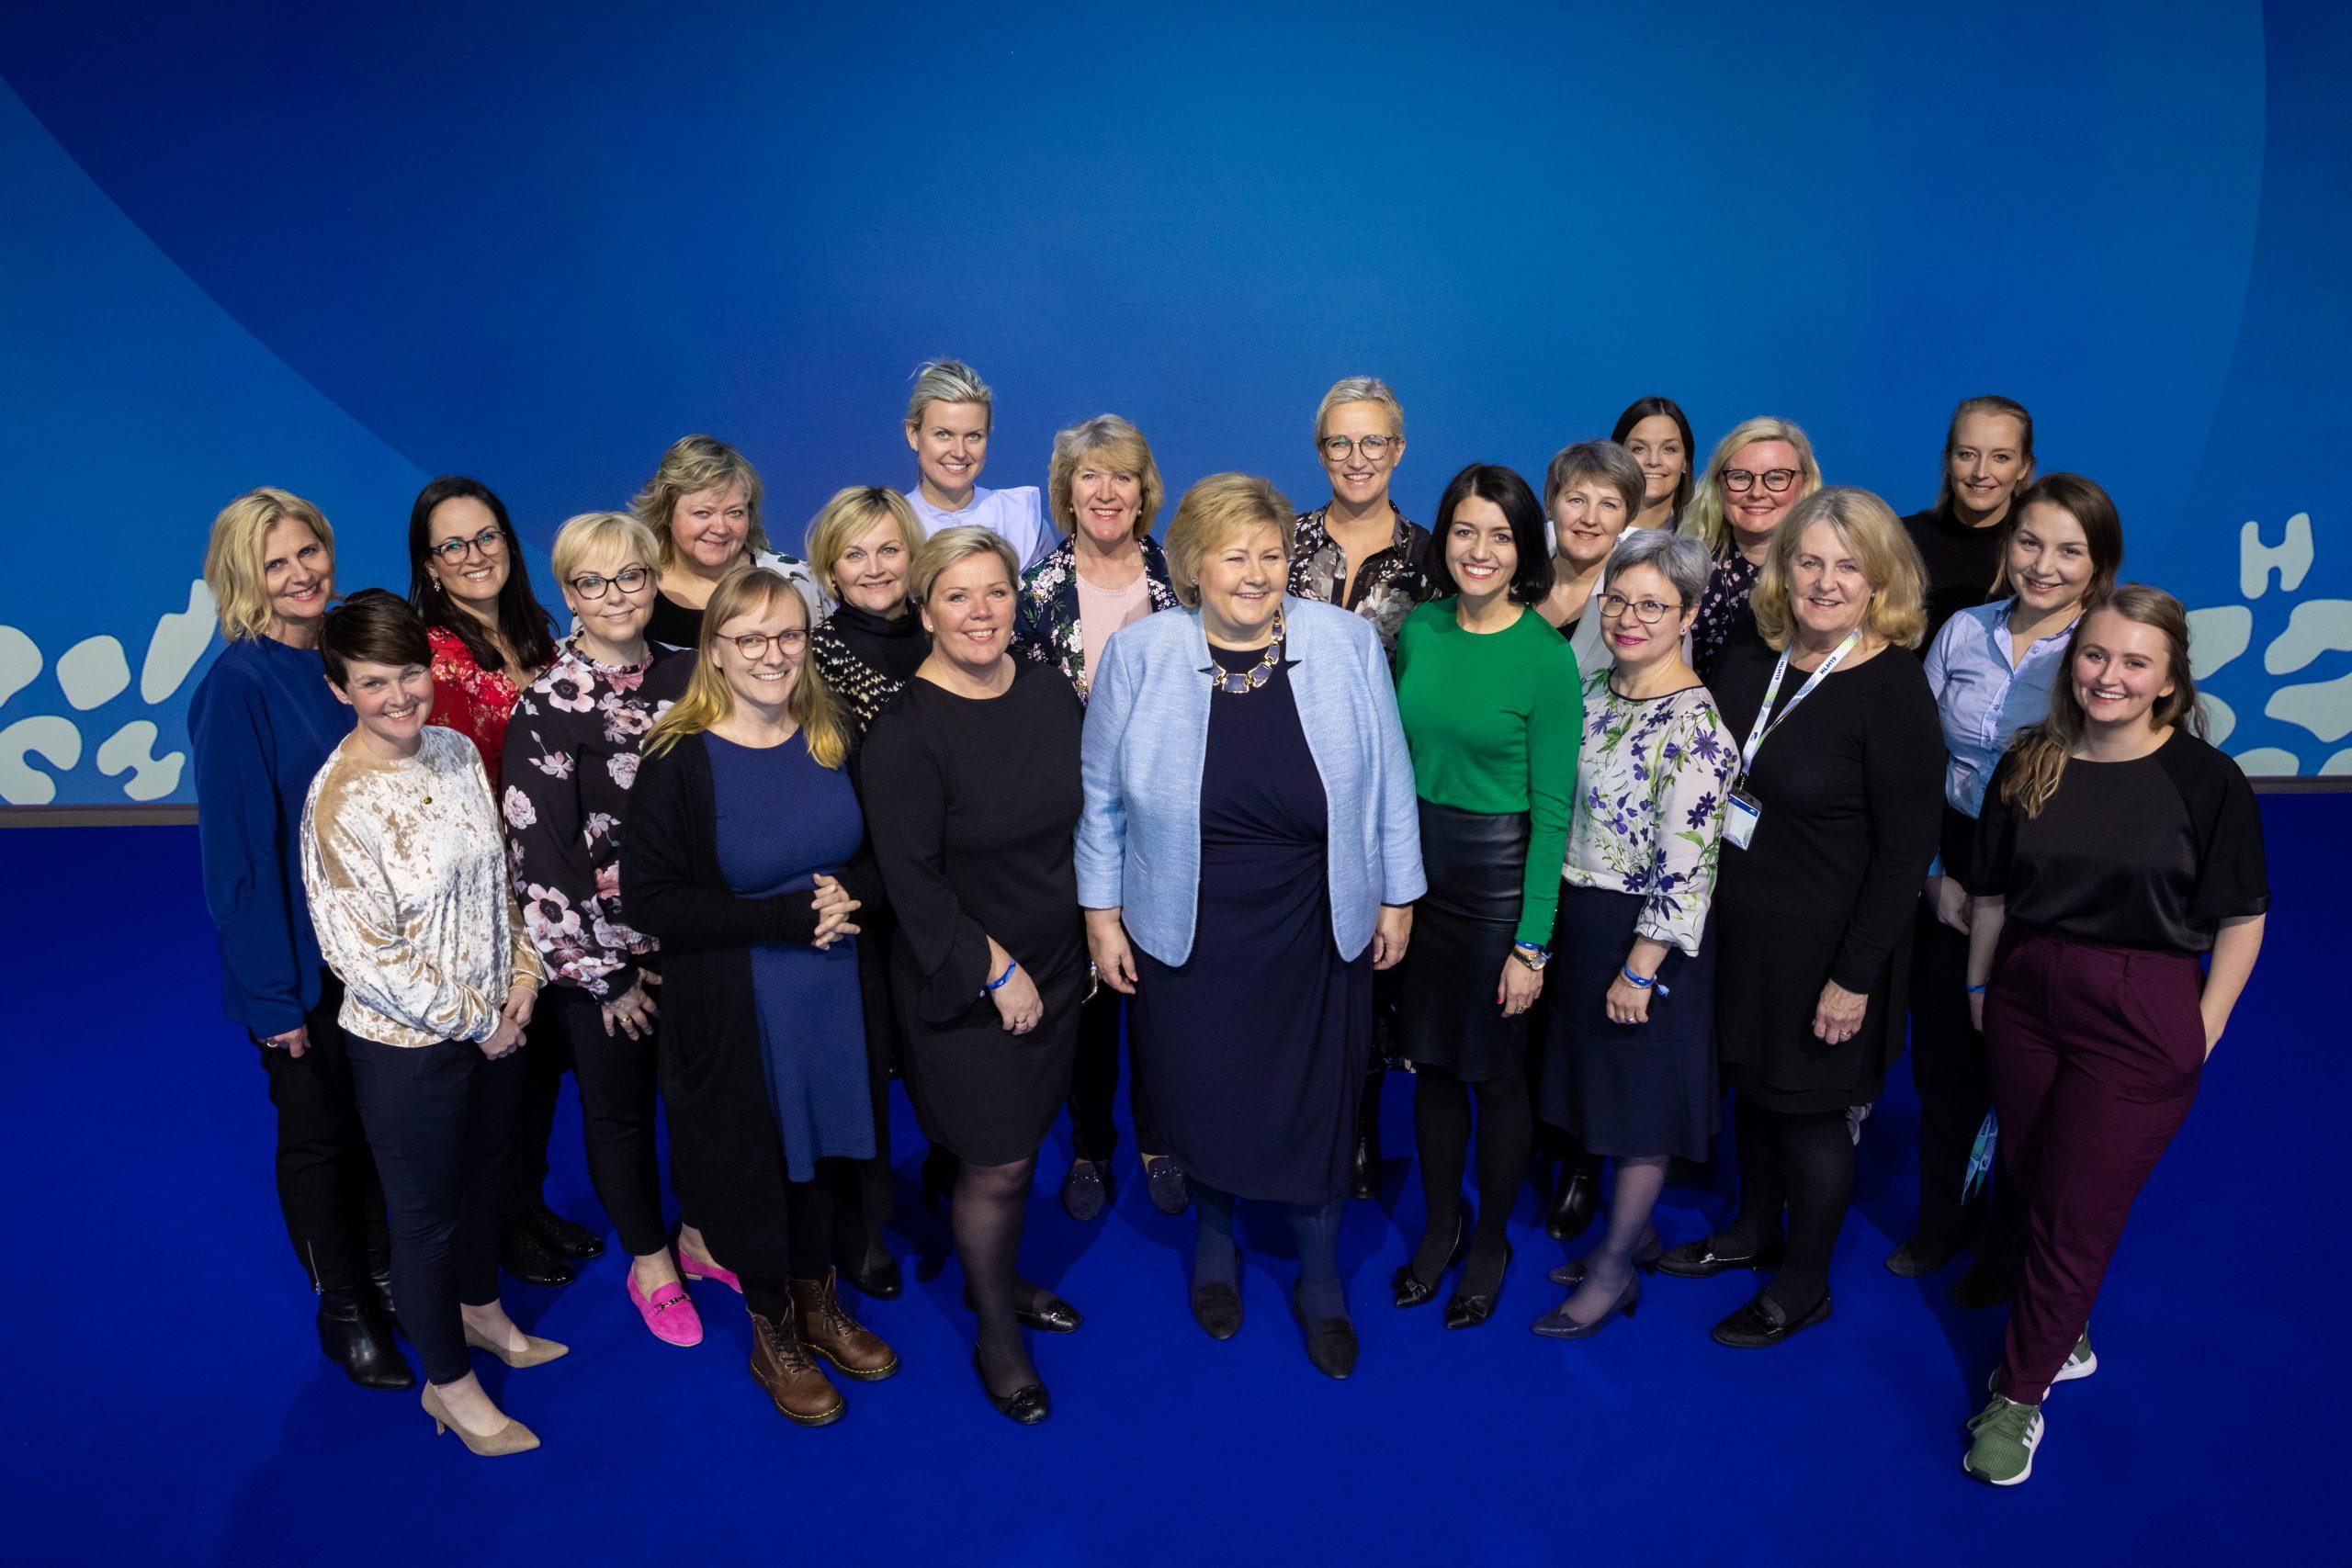 Høyres kvinneforum under Høyres landsmøte 2019